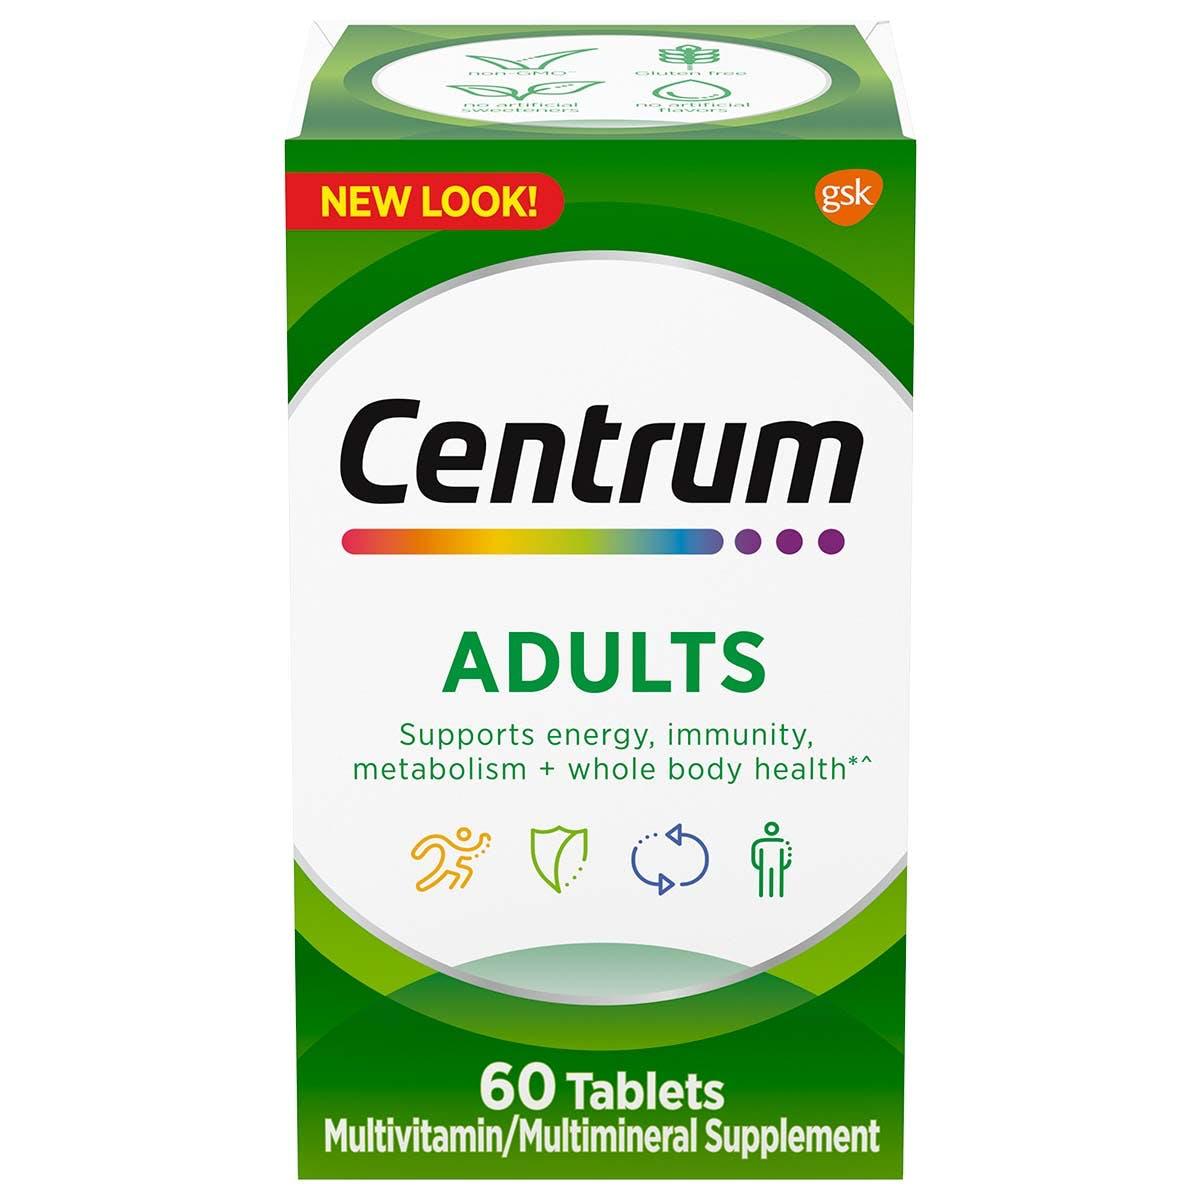 Box of Centrum Adult multivitamins